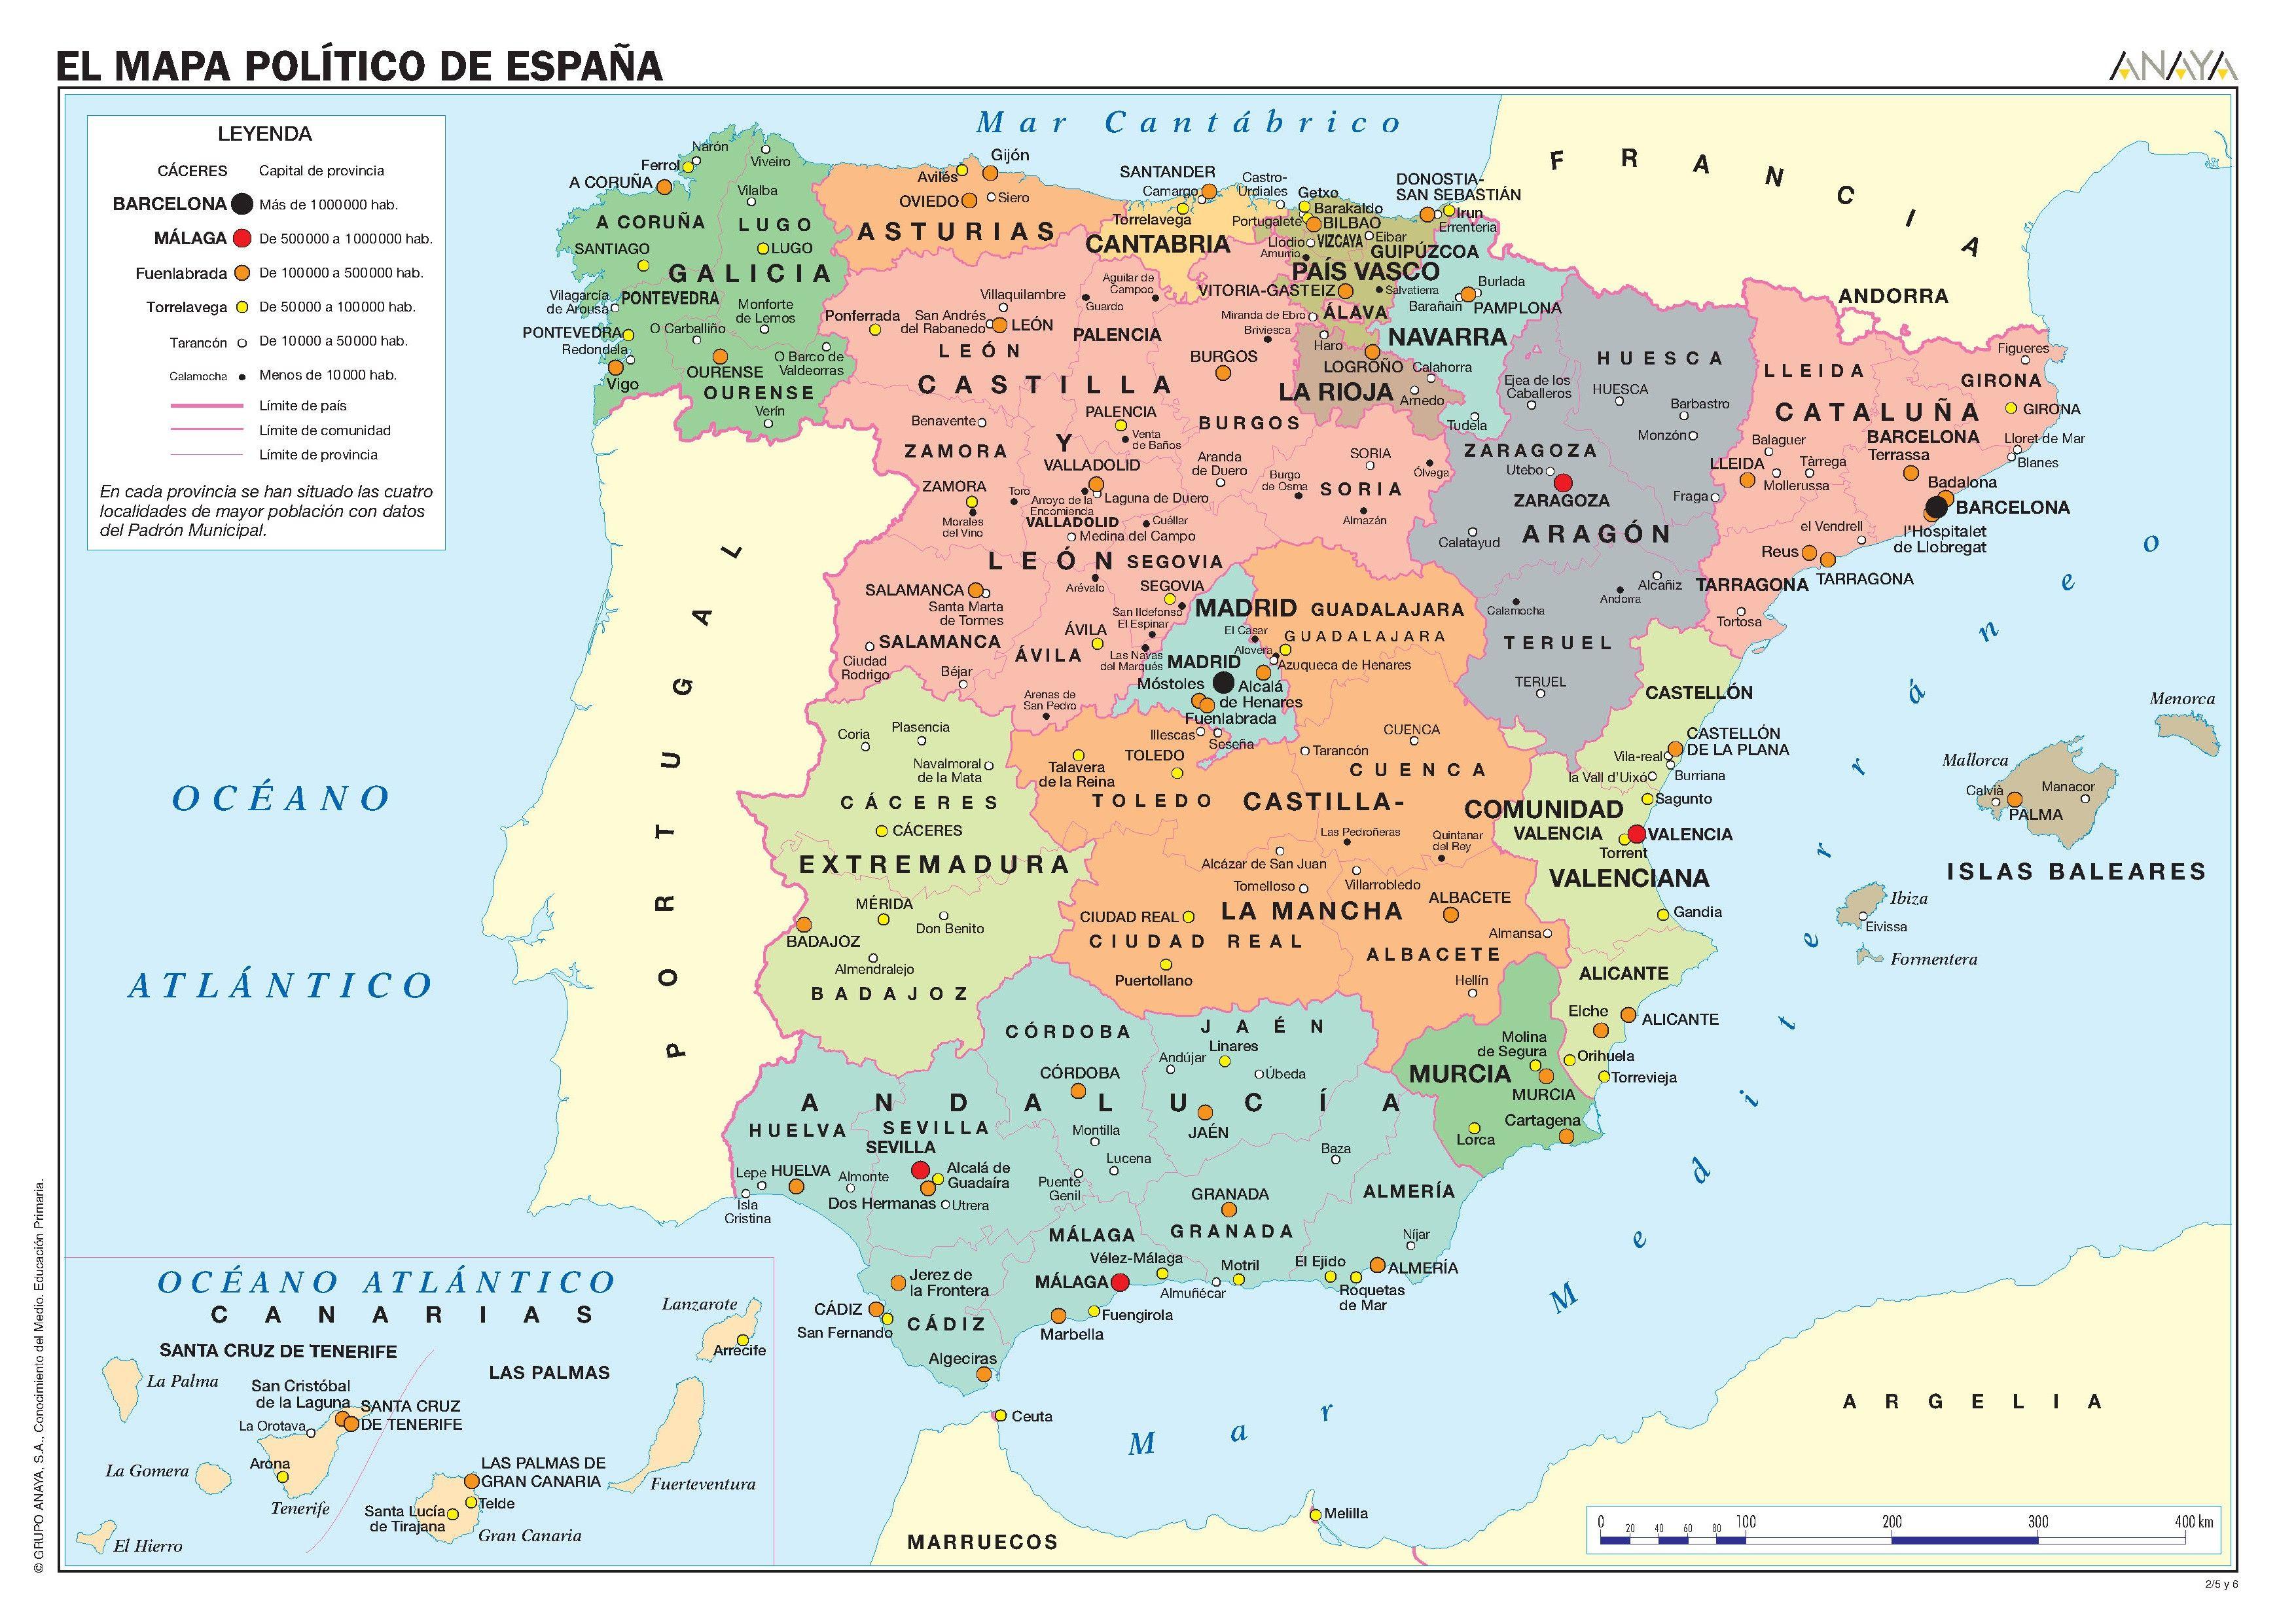 Mapa poltico de Espaa Anayajpg Imagen JPEG 3508  2480